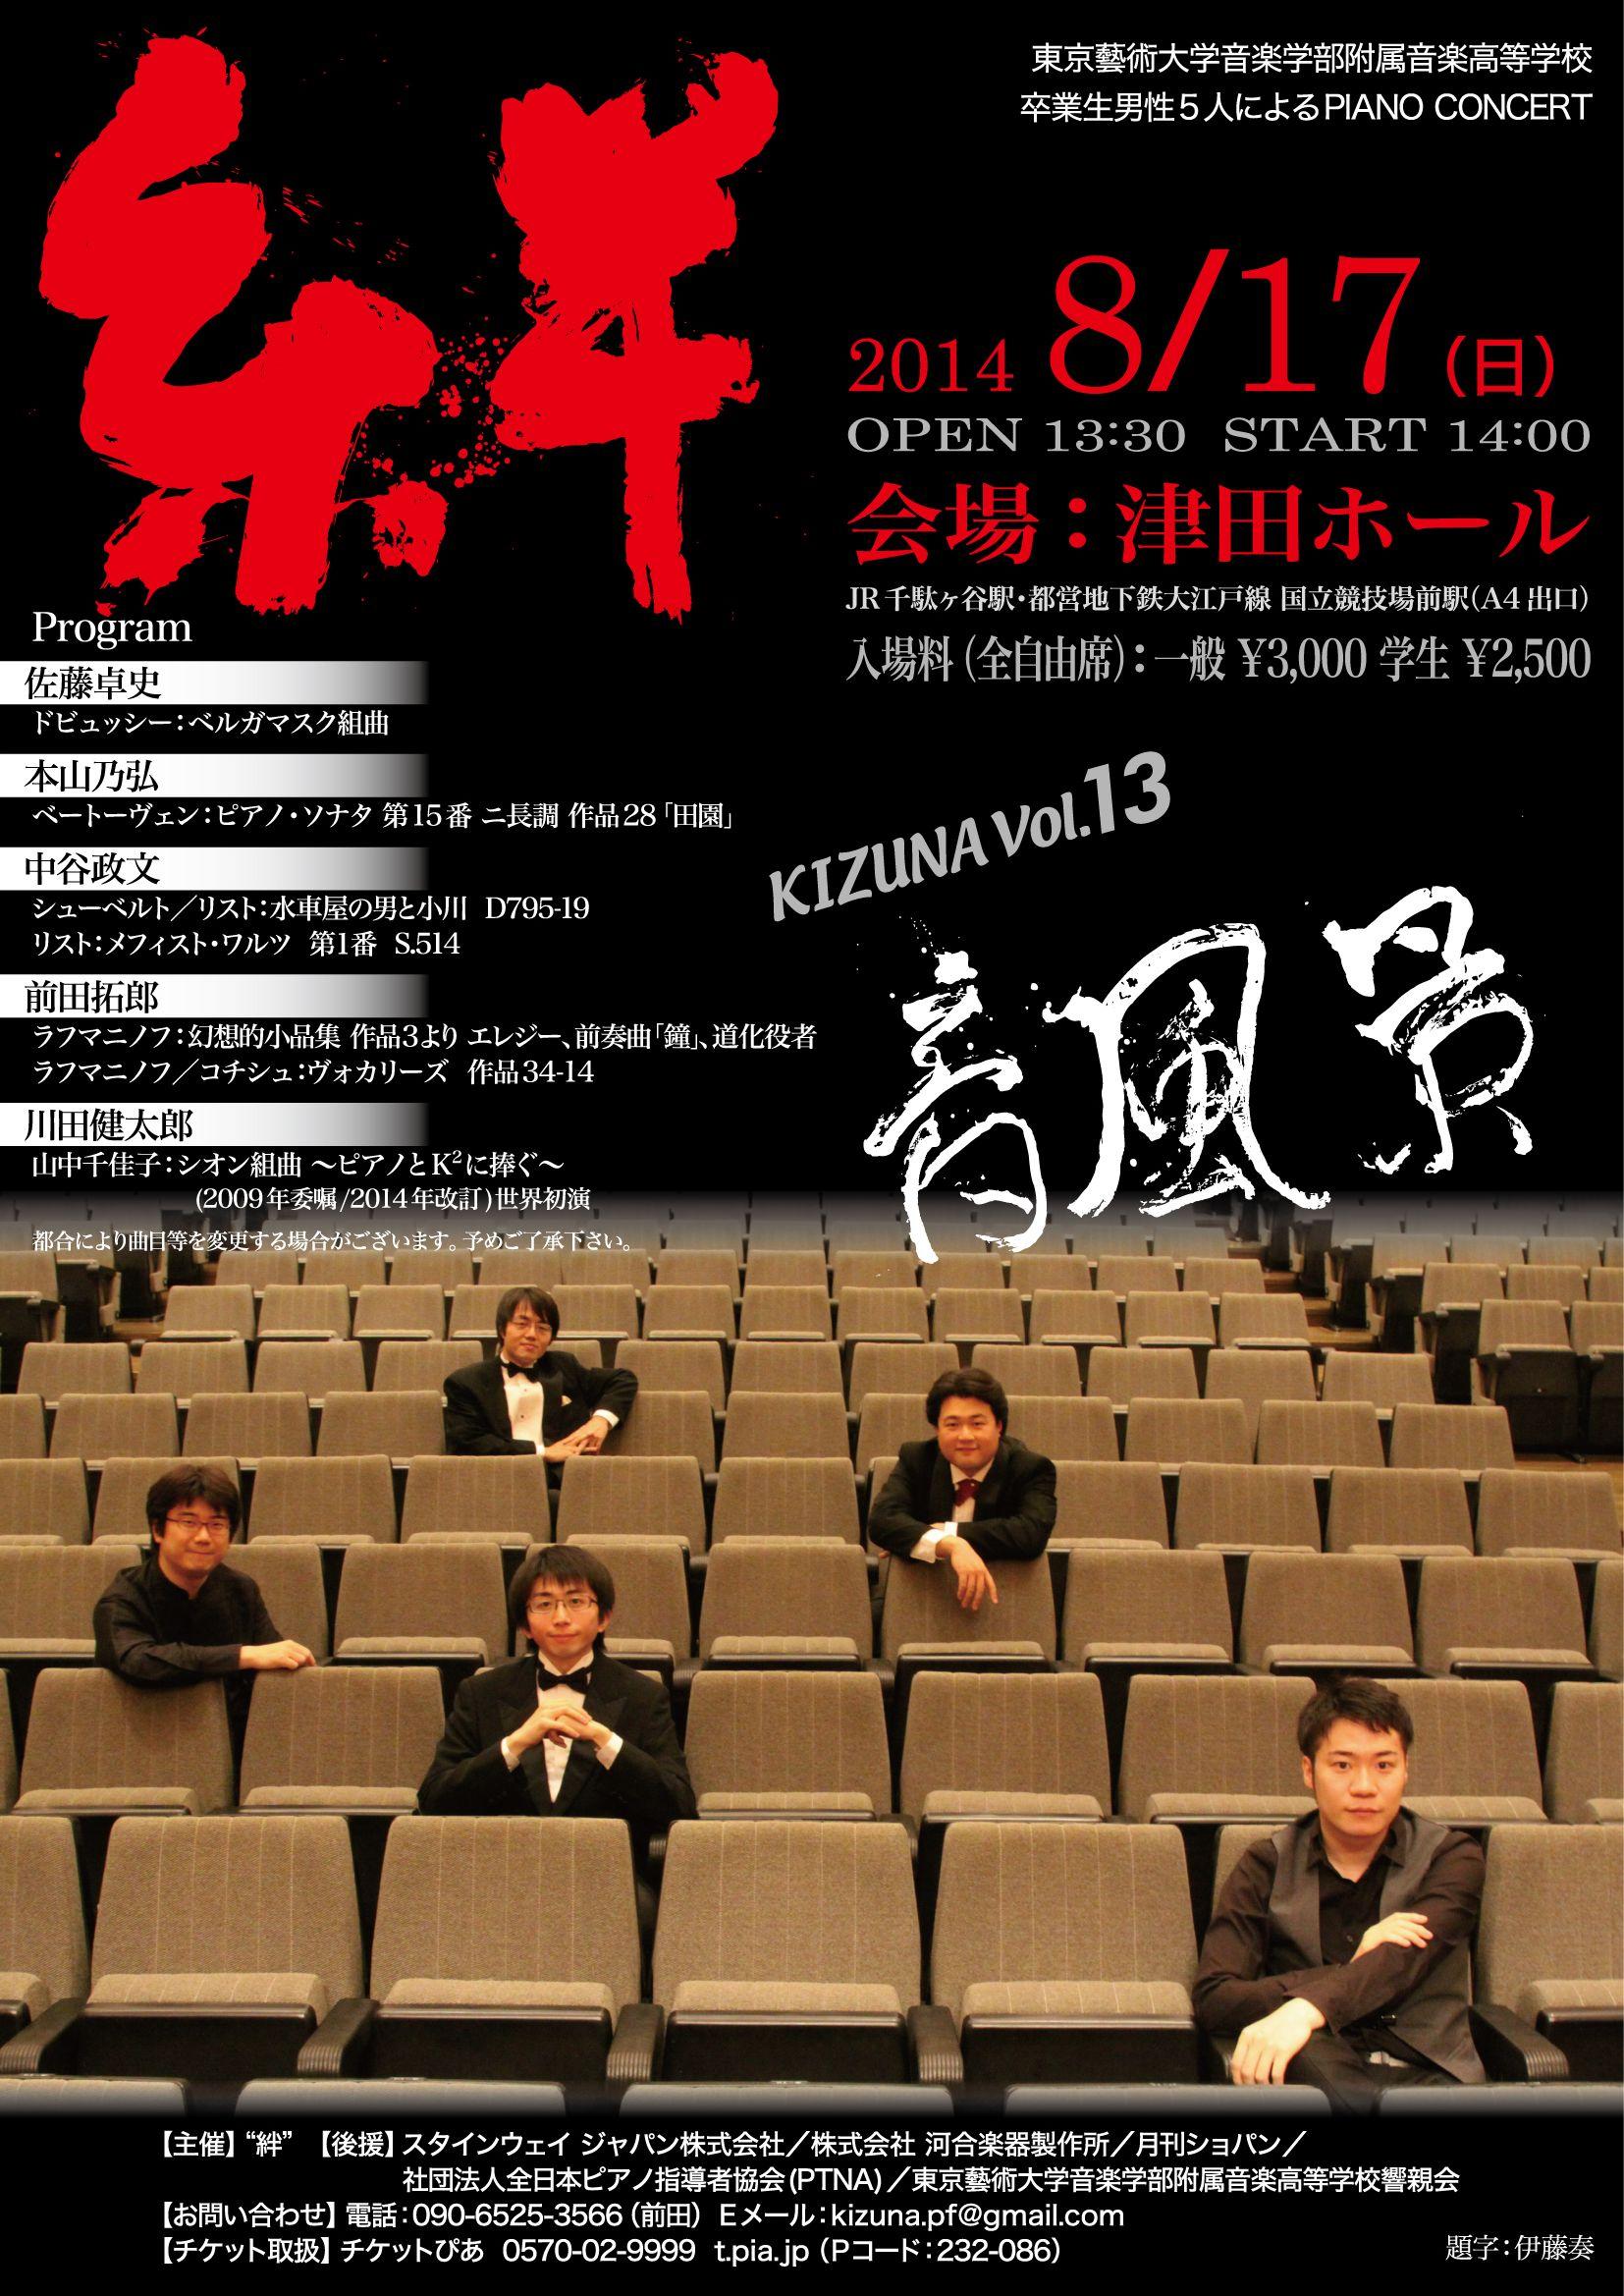 Kizuna Vol.13 Omote